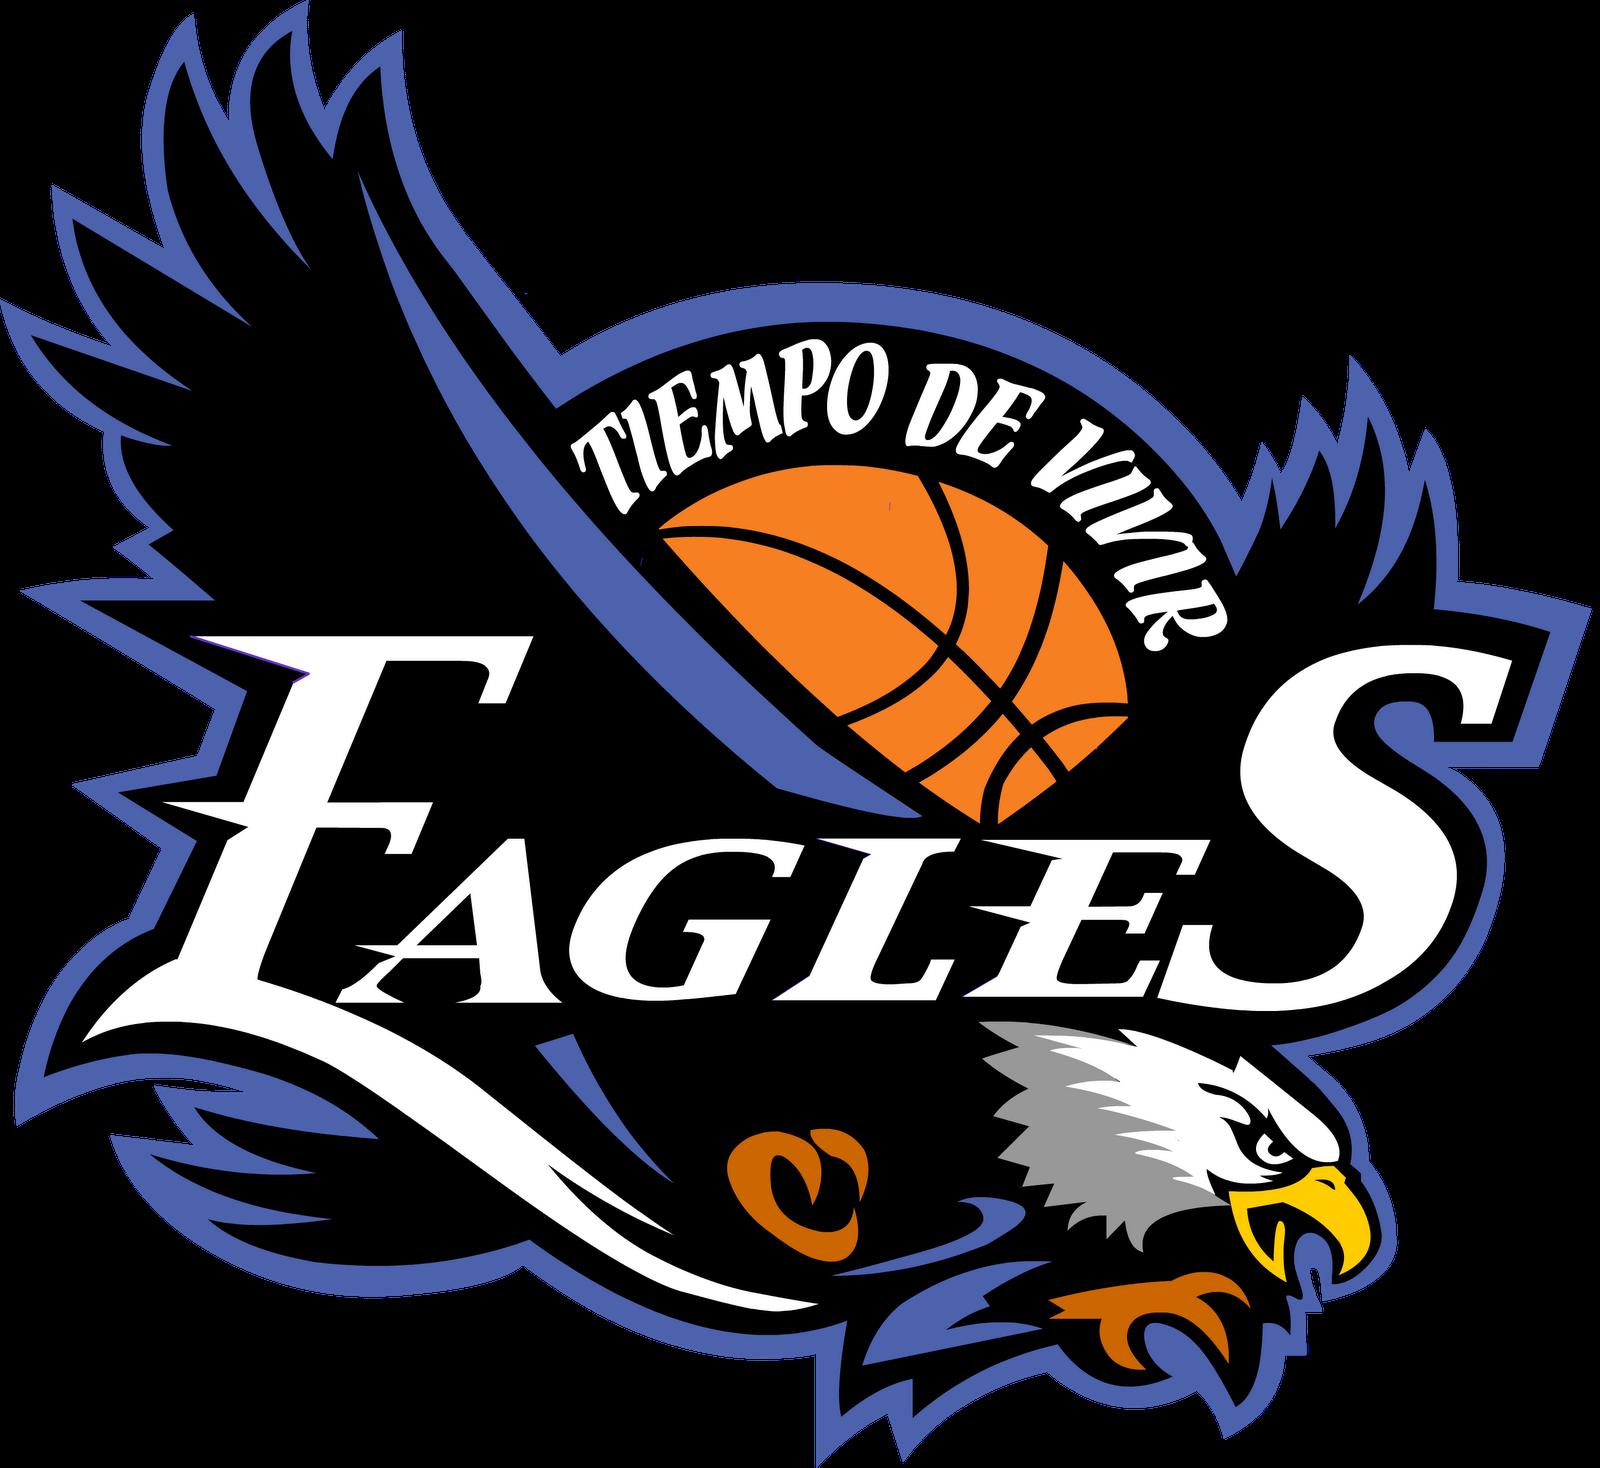 Golden Eagle Clipart Eagles Basketball - Eagle Basketball Logo Design (1600x1468), Png Download